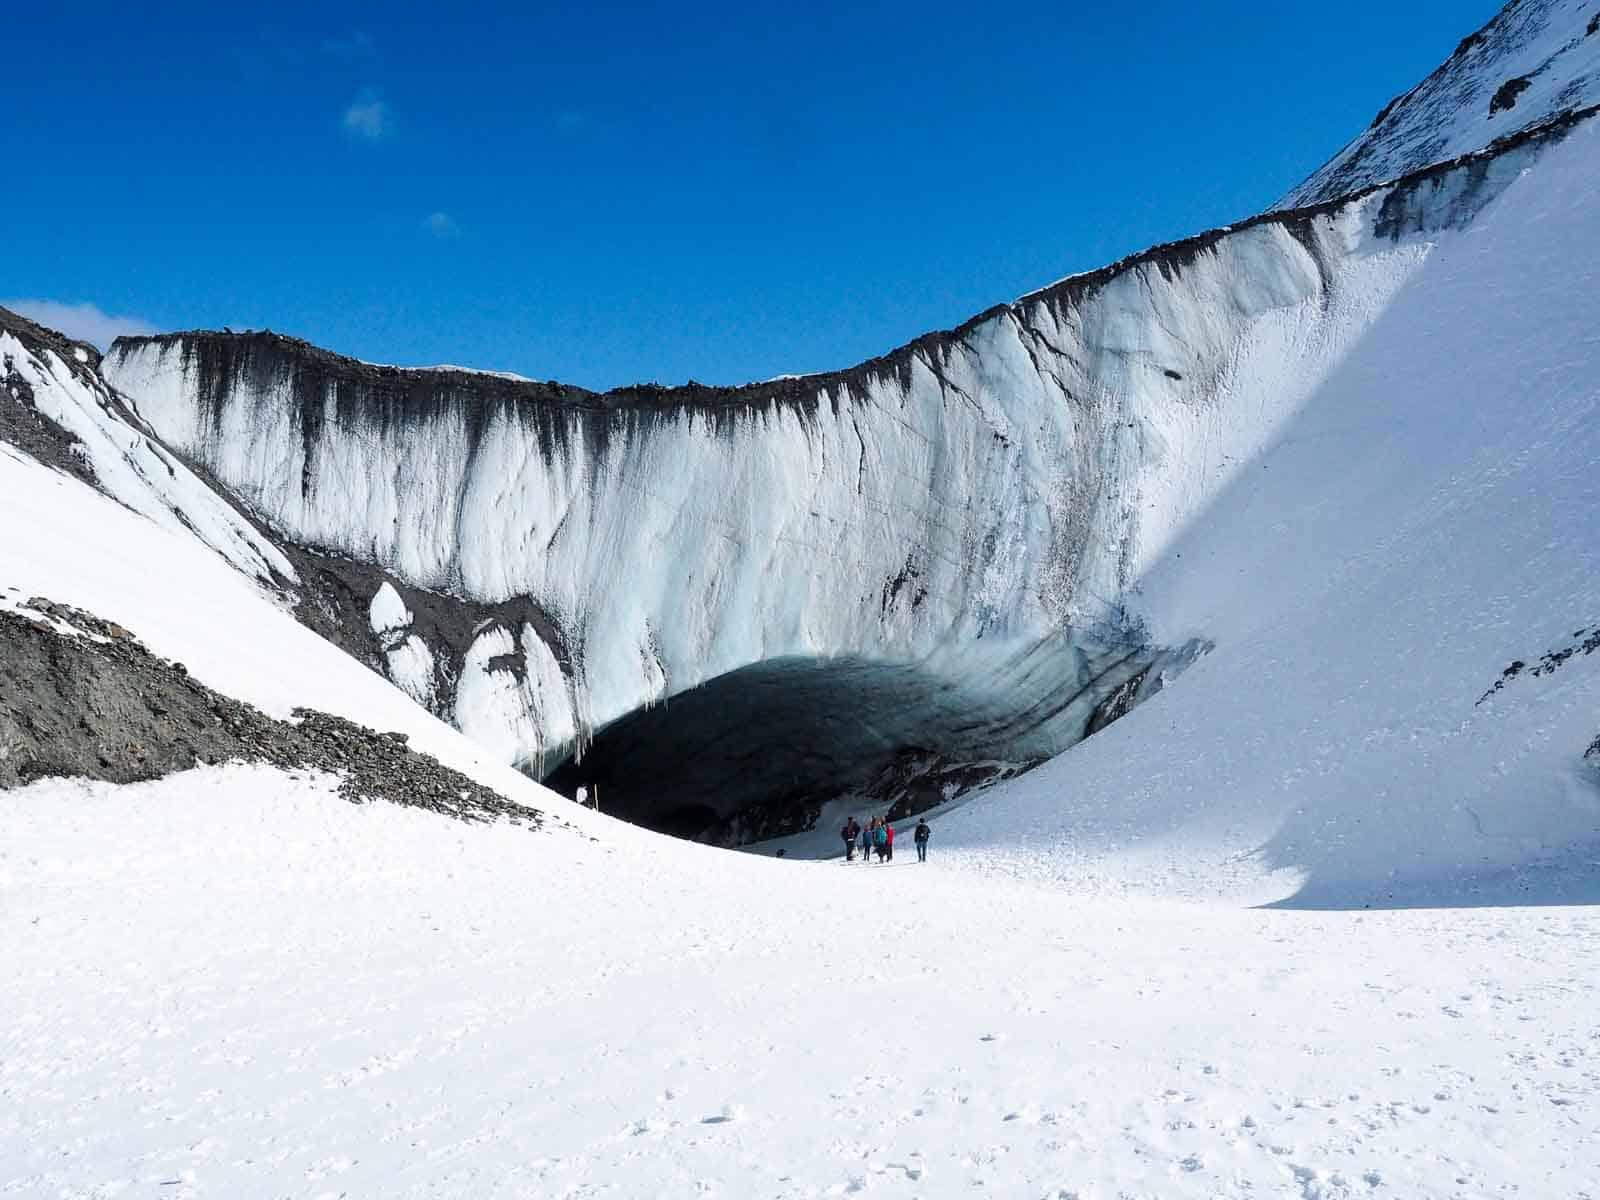 Die Wanderung zu diesem eindrucksvollen, namenlosen Gletscher lohnt sich. Foto Faszination Kanada